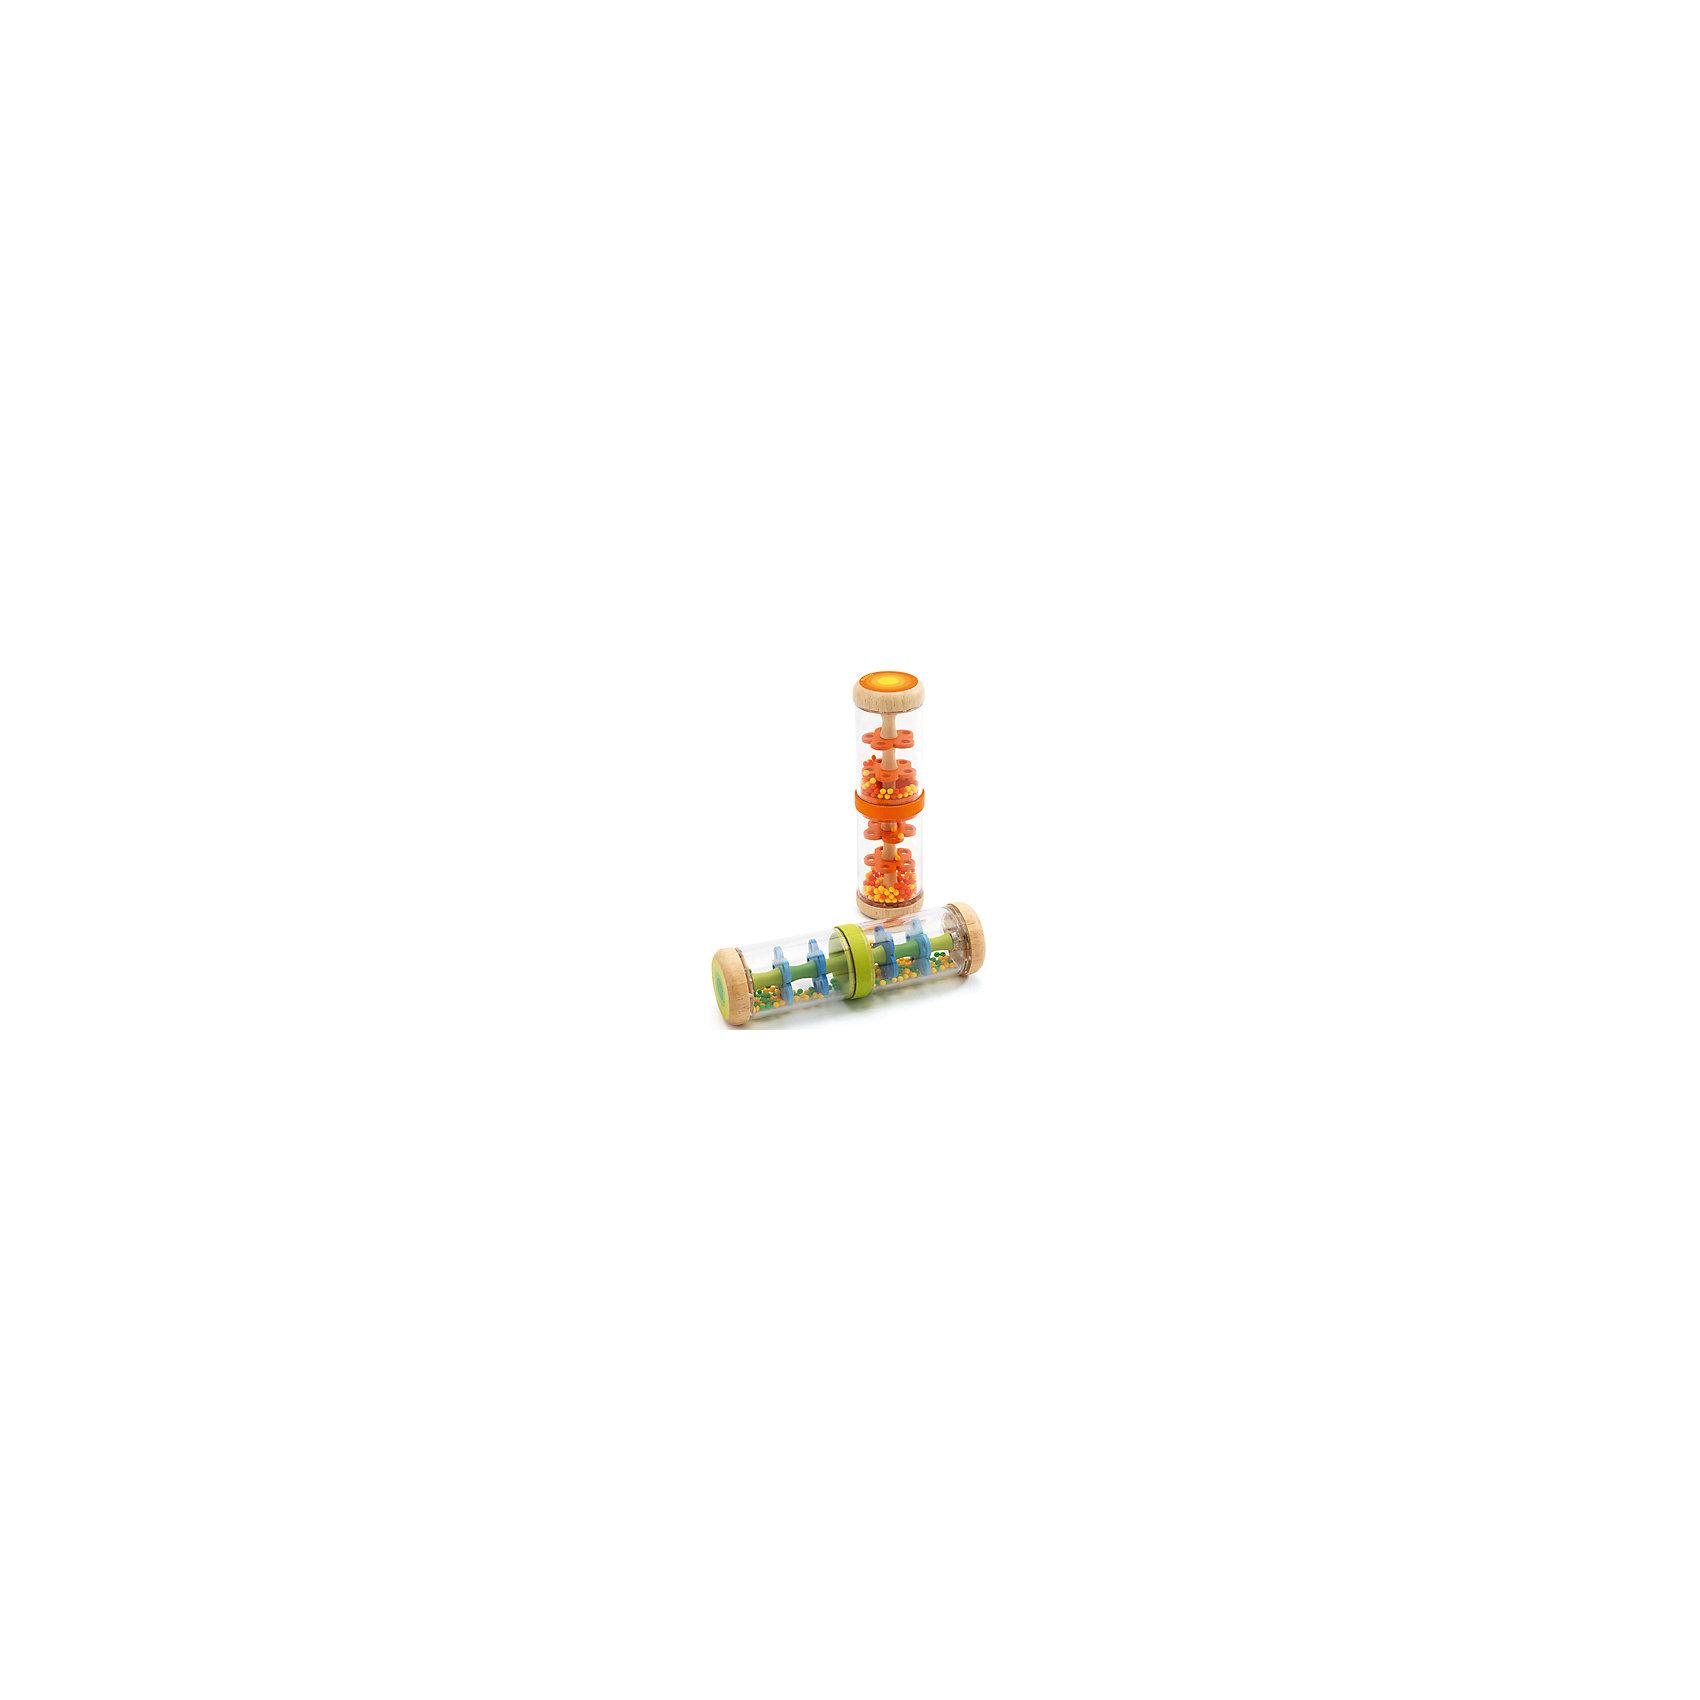 Погремушка «Шум дождя» оранжевая, DJECOПогремушки<br>Оригинальная погремушка Шум дождя, Djeco (Джеко), станет любимой игрушкой Вашего малыша. Погремушка выполнена в виде удлиненной прозрачной колбы. Внутри корпуса - яркие оранжевые шарики, которые с приятным потрескиванием перекатываются из одной стороны в другую, создавая эффект шумя дождя. Игрушка выполнена из высококачественных и экологически чистых материалов. Обладает успокаивающим свойством и поможет Вашему малышу быстрее заснуть.<br><br>Дополнительная информация:<br><br>- Цвет: оранжевый<br>- Материал: дерево, пластик.<br>- Размер упаковки: 5,5 х 6,5 х 20 см.<br>- Вес: 0,2 кг.<br><br>Погремушку Шум дождя, оранжевая, Djeco (Джеко), можно купить в нашем магазине.<br><br>Ширина мм: 70<br>Глубина мм: 50<br>Высота мм: 200<br>Вес г: 200<br>Возраст от месяцев: 12<br>Возраст до месяцев: 48<br>Пол: Унисекс<br>Возраст: Детский<br>SKU: 4566296